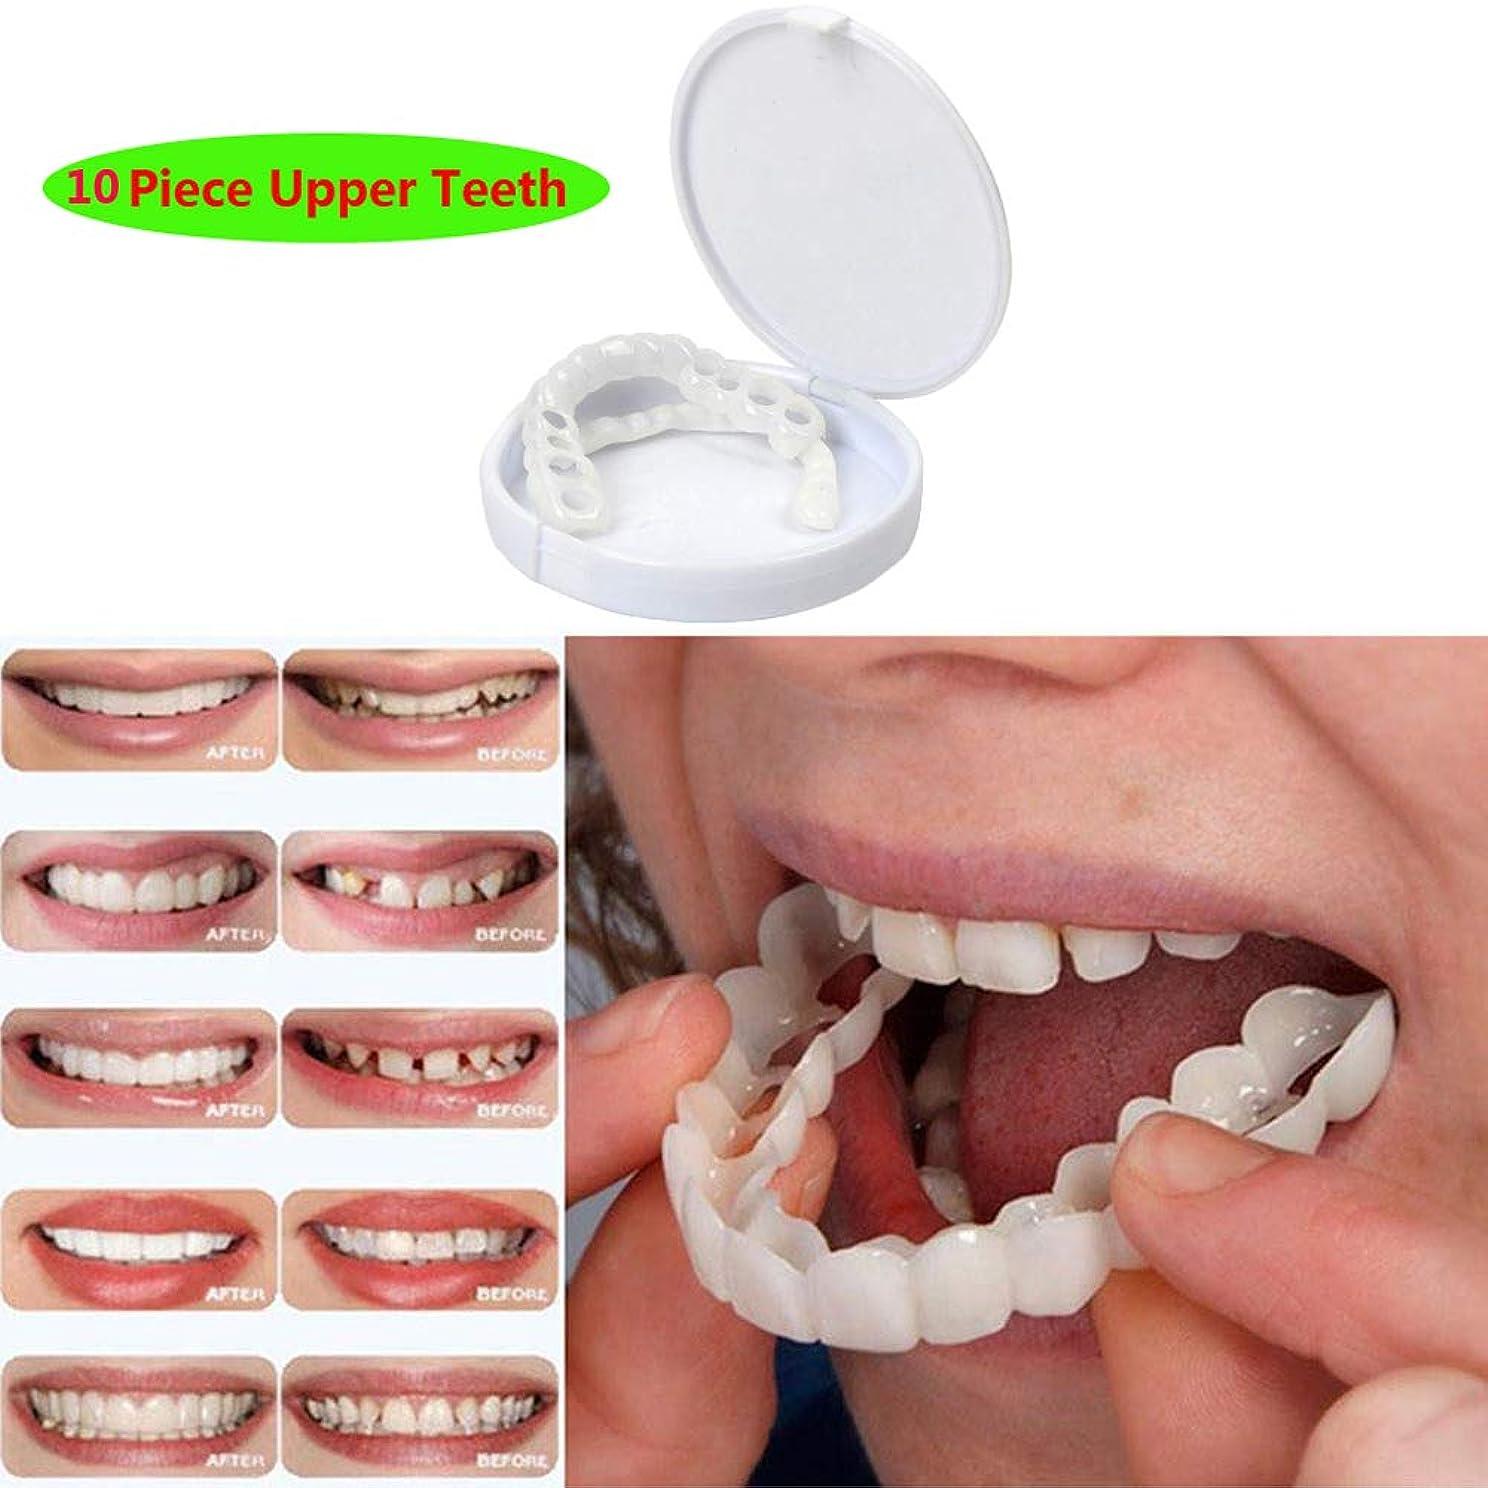 かろうじて雰囲気既婚10枚の一時的な化粧品の歯入れ歯の歯の化粧品のシミュレーションの上部の袖口、白くなる歯のスナップの帽子の即刻の慰めの柔らかい完全なベニヤ